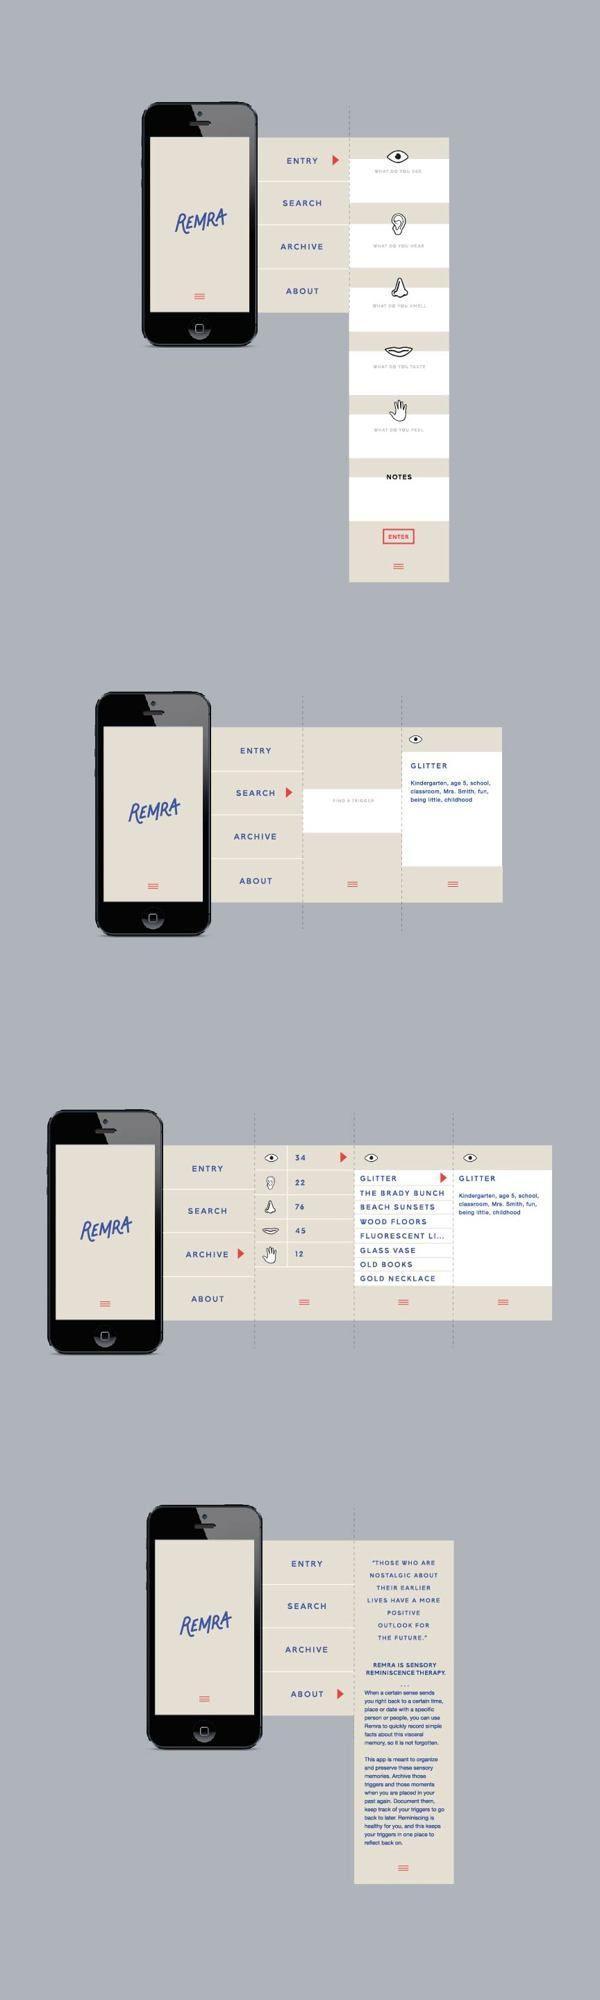 UI design for Remra App.